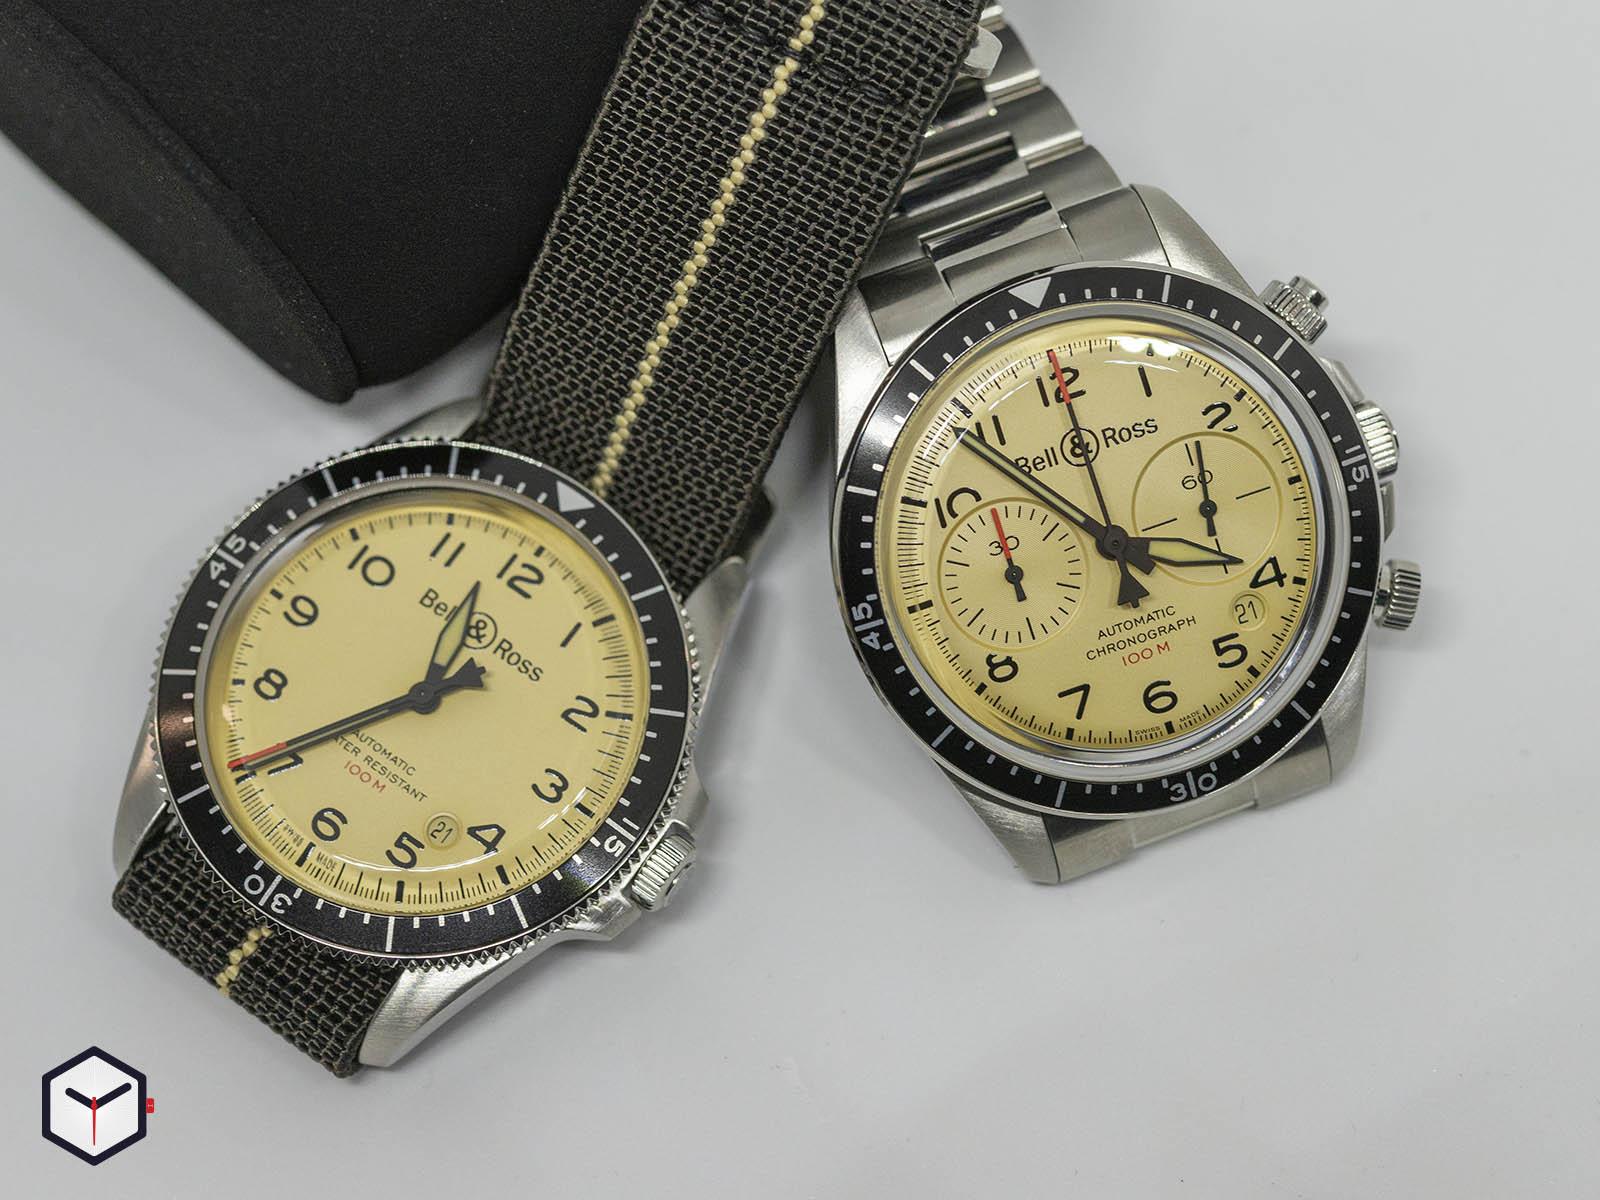 brv294-bei-st-sst-bell-ross-br-v2-94-military-beige-8.jpg